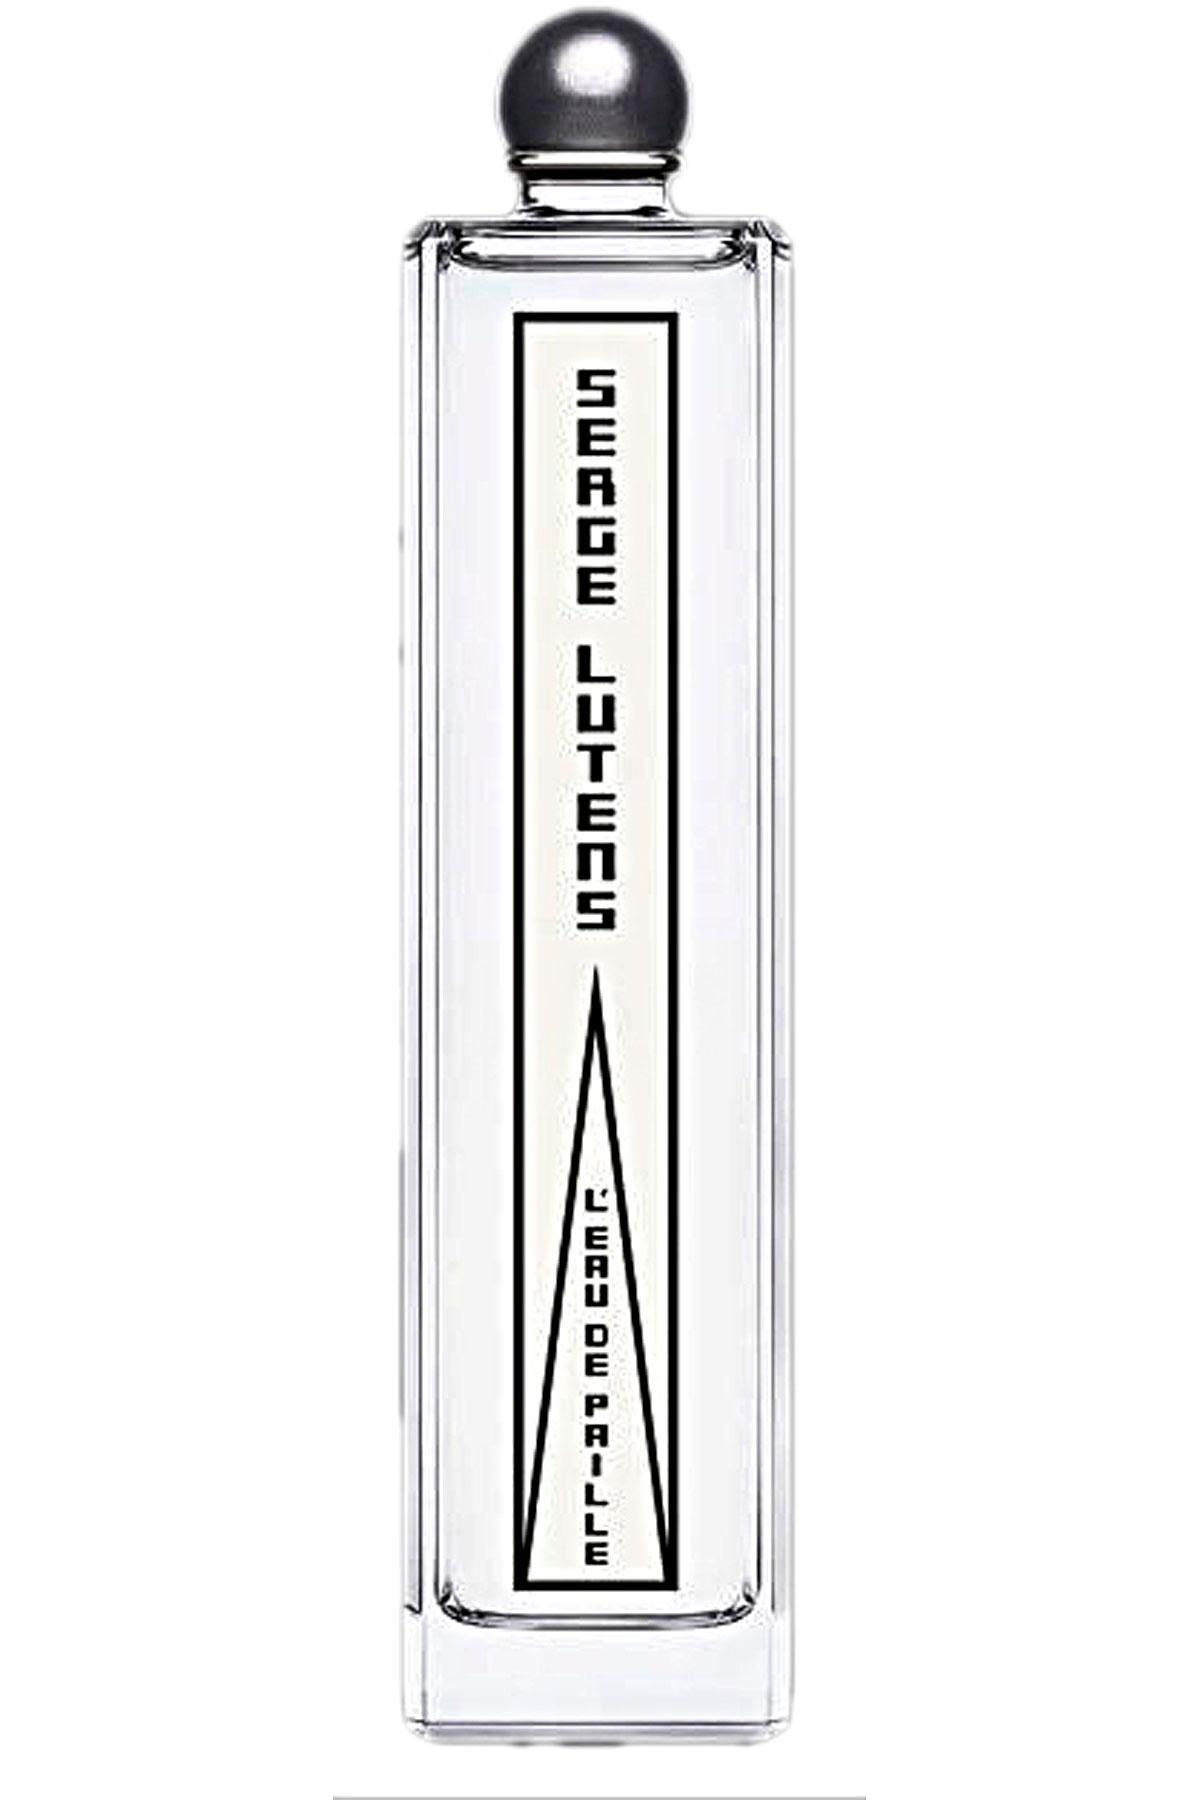 Serge Lutens Fragrances for Women, L Eau De Paille - Eau De Parfum - 50-100 Ml, 2019, 50 ml 100 ml